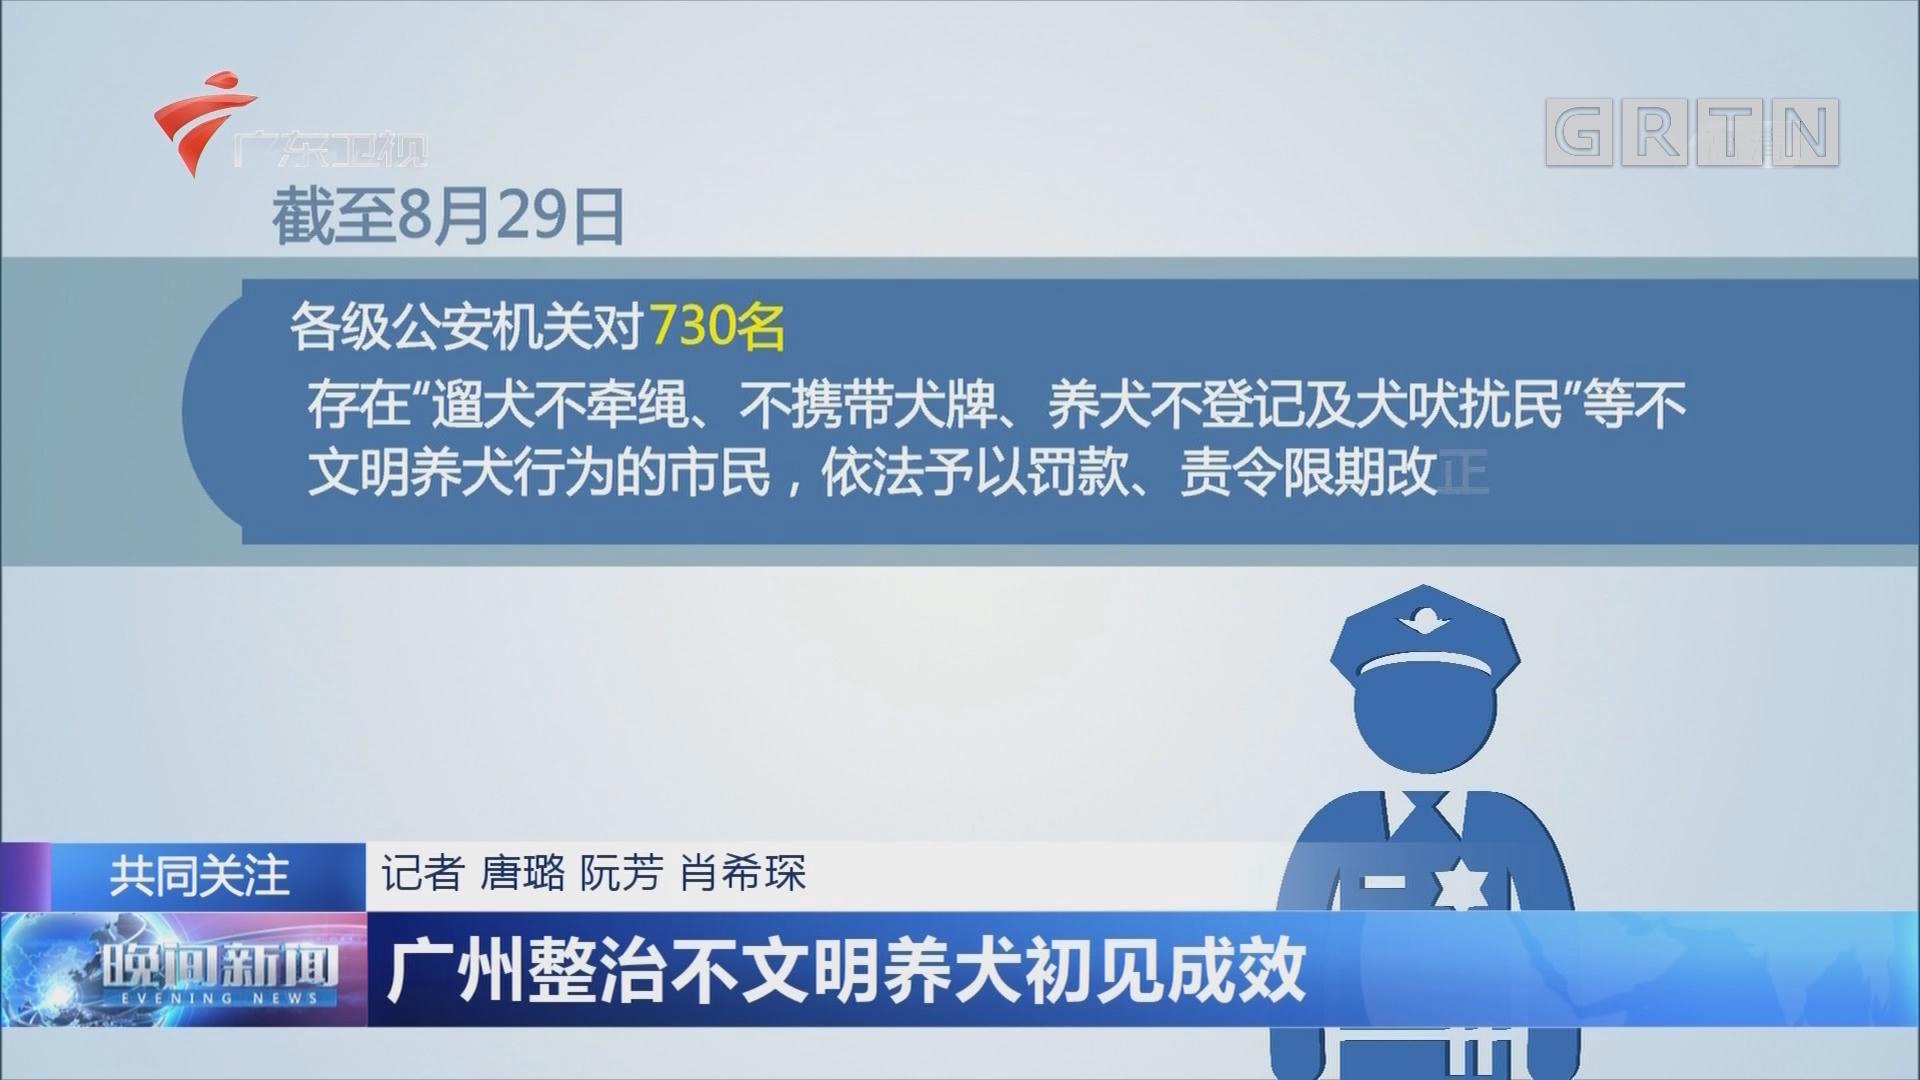 广州整治不文明养犬初见成效